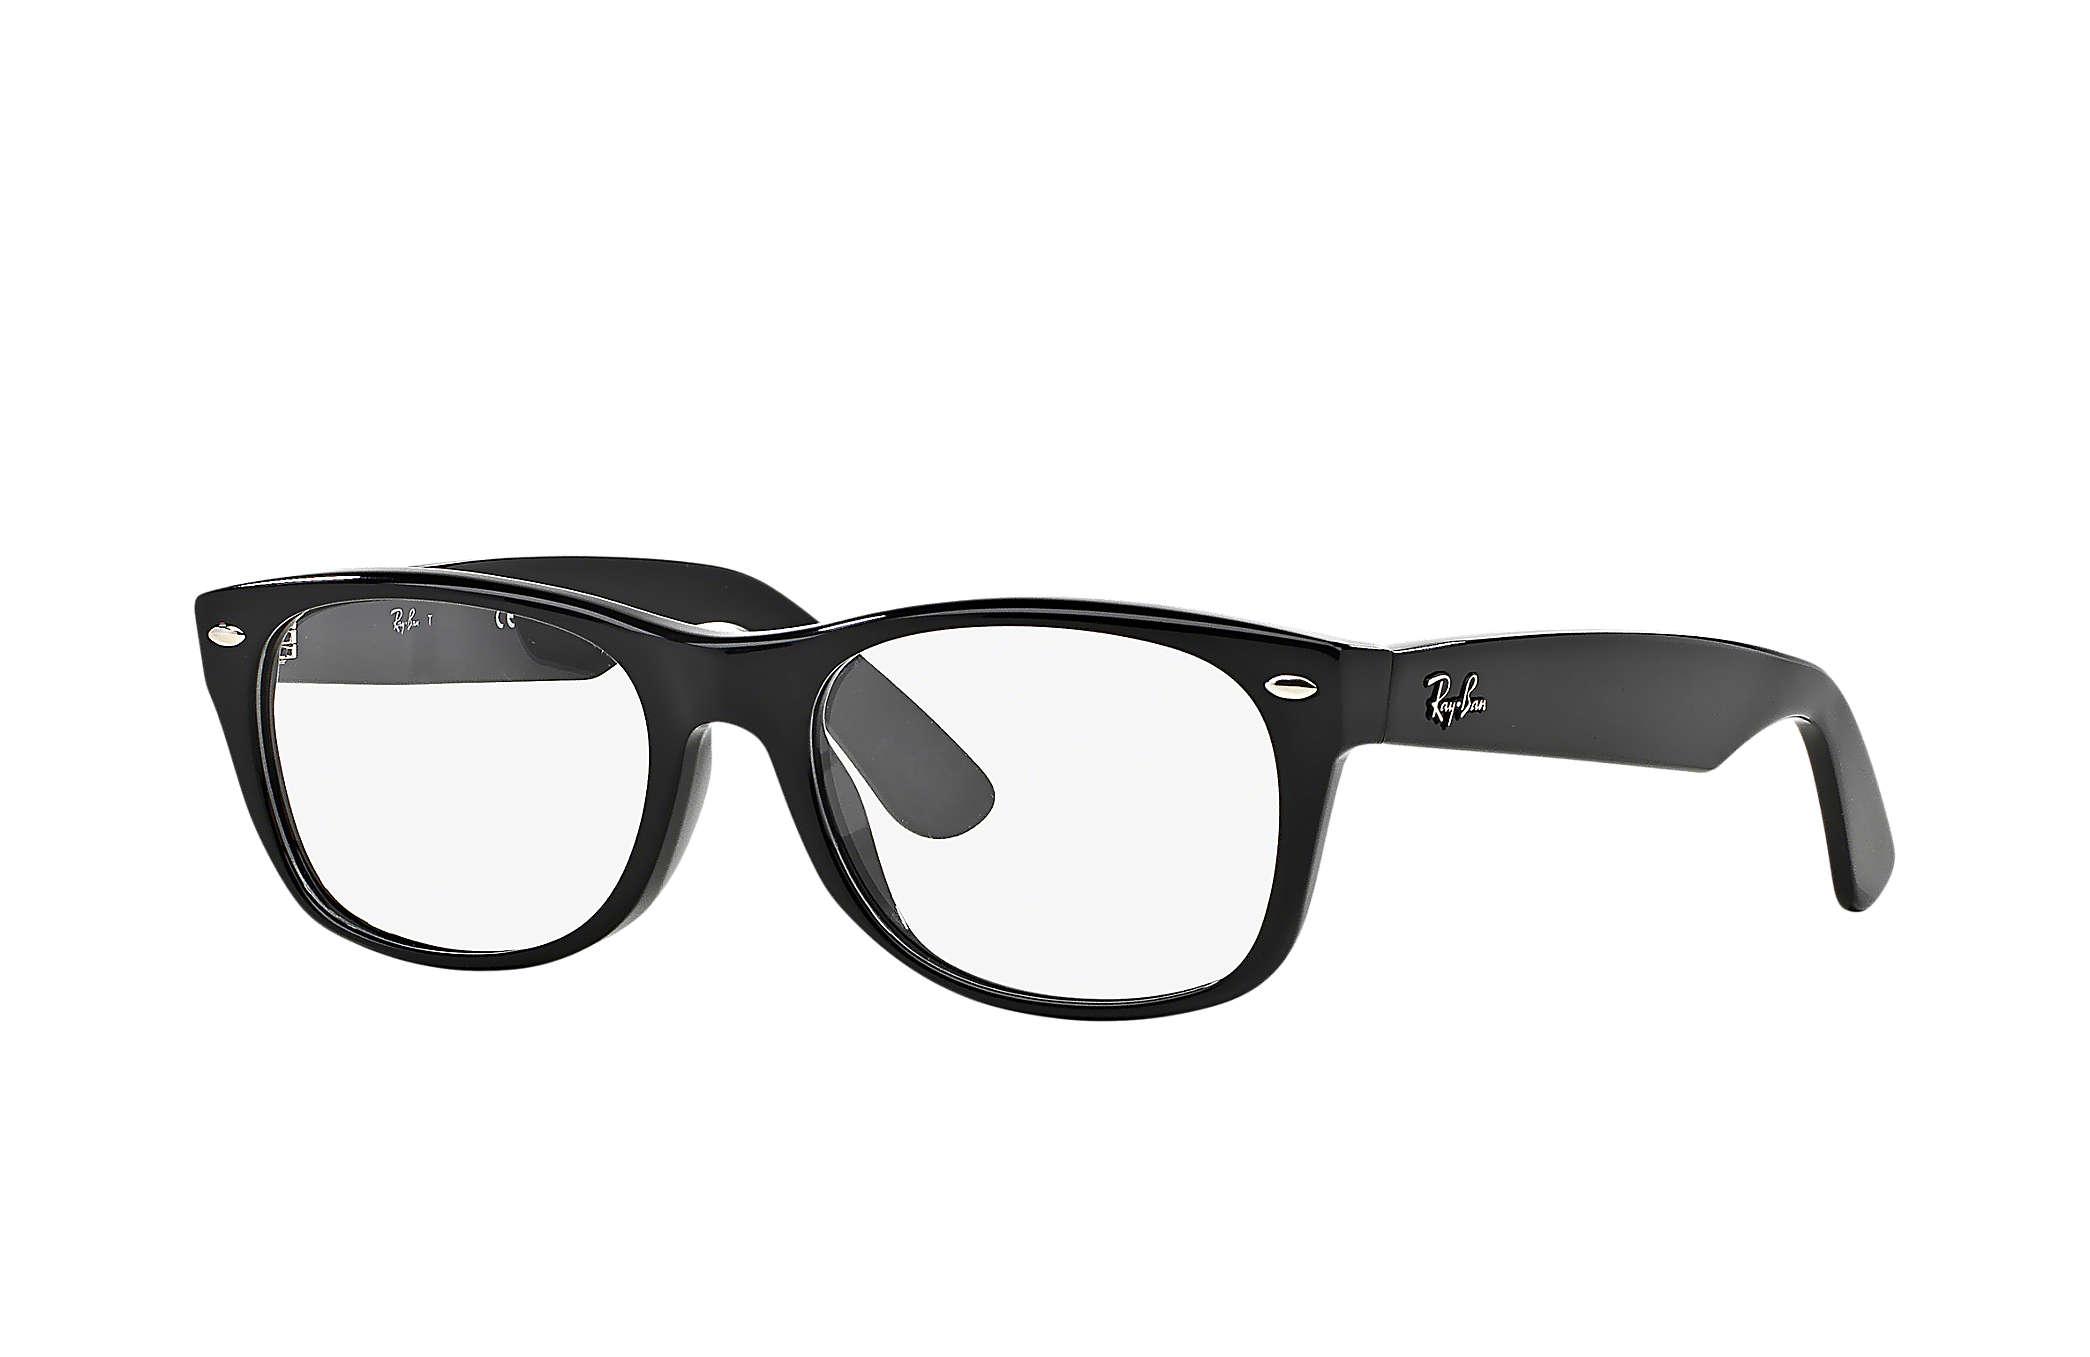 Cupom de desconto - Óculos New Wayfarer Optics Por R$ 490,00